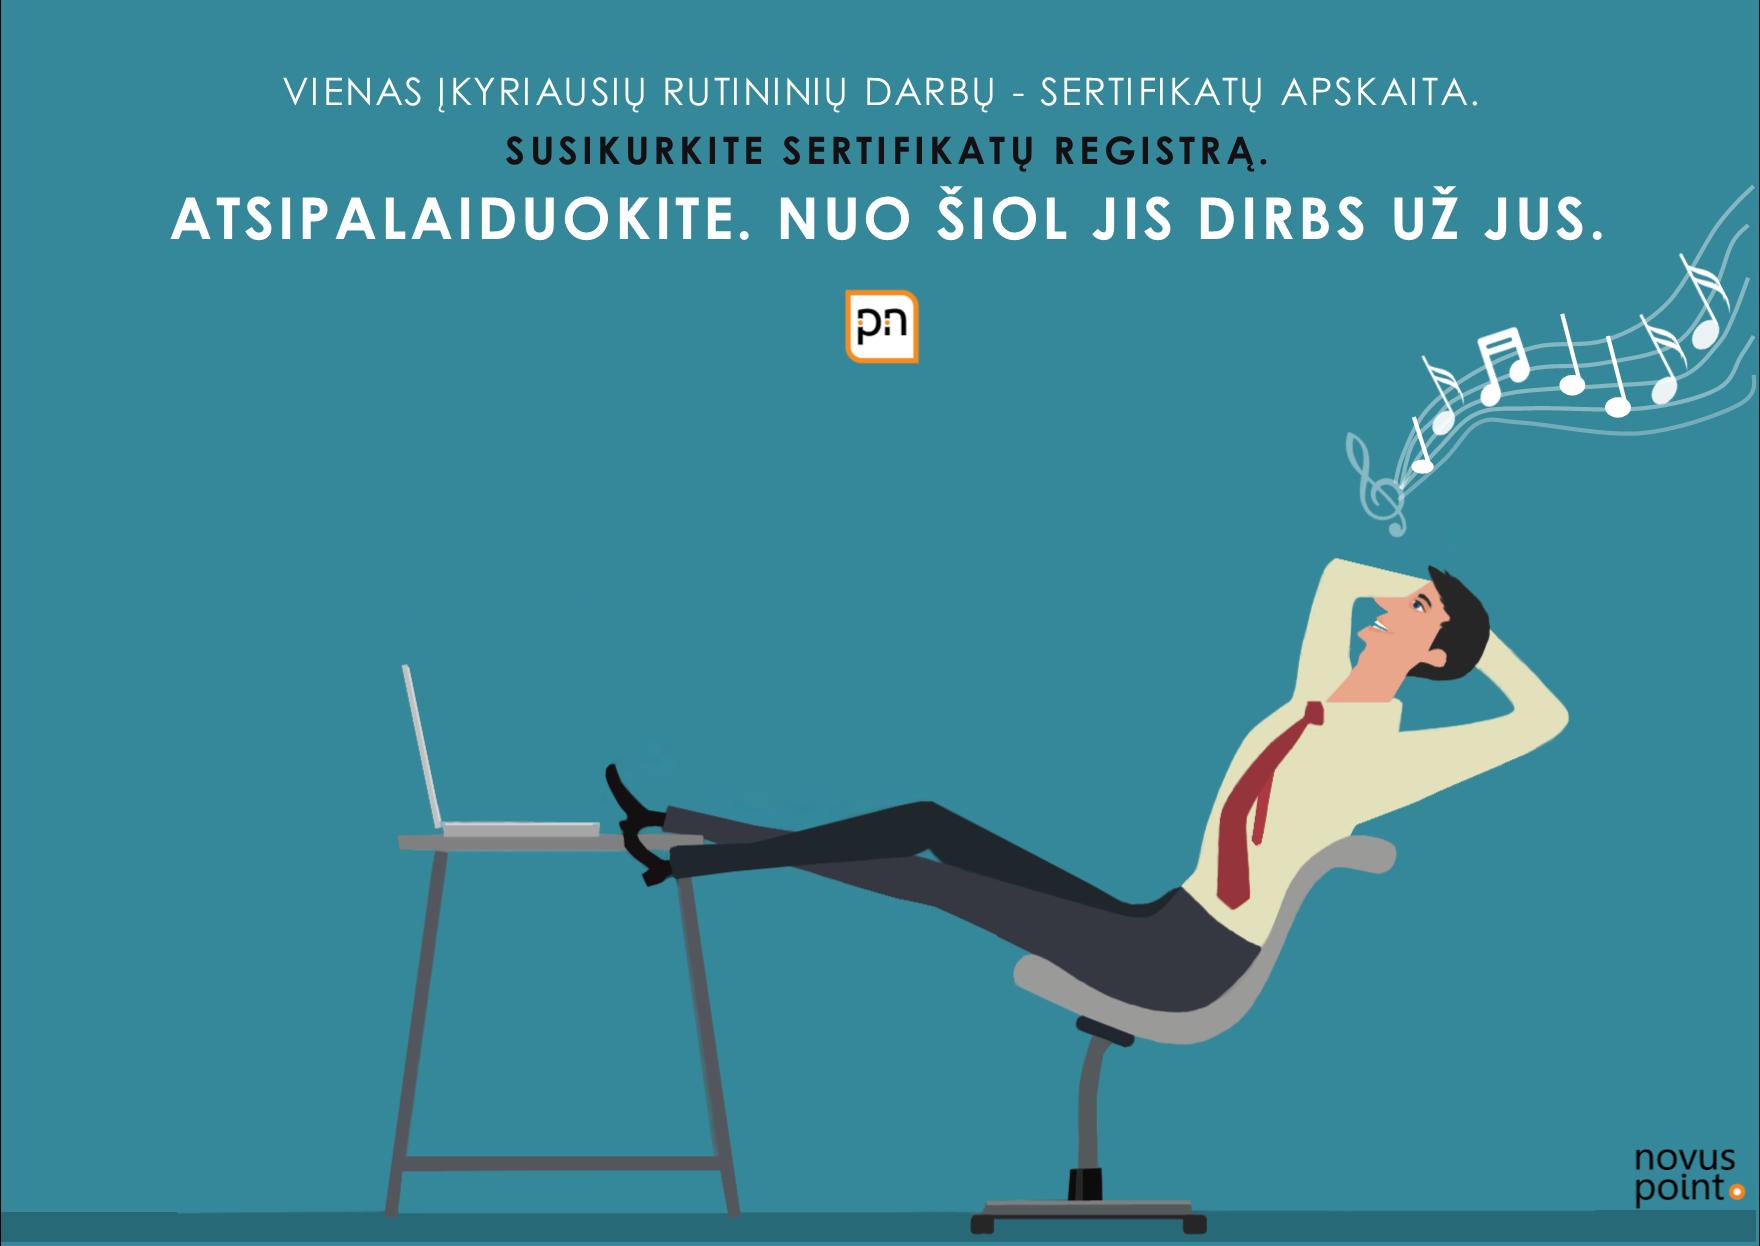 sertifikatu_registras-ilsekites_ver_2.png